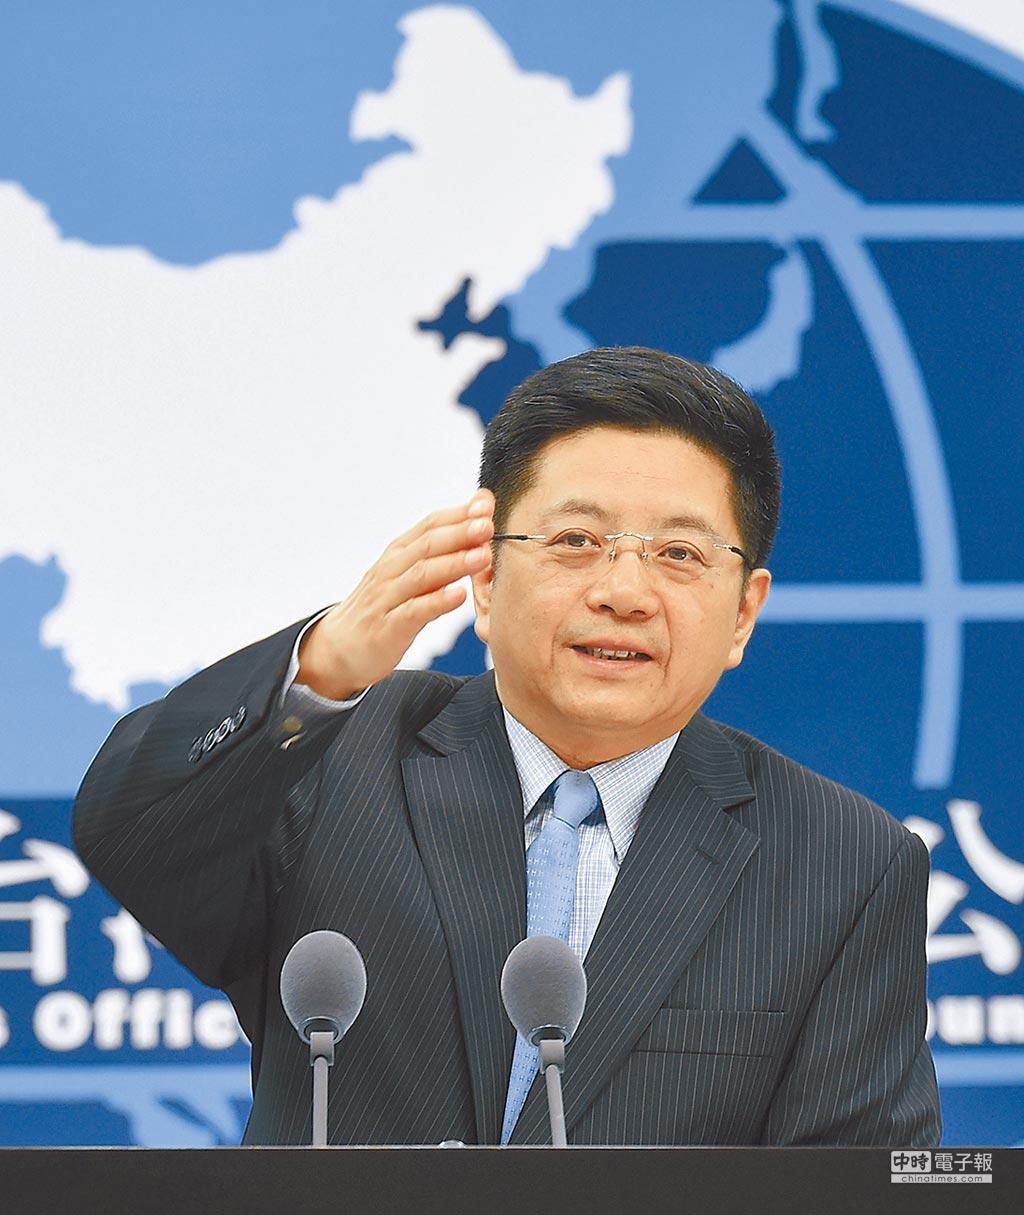 大陸國台辦發言人馬曉光14日強調,世界上只有一個中國,中巴建交是人心所向,大勢所趨。(中新社)